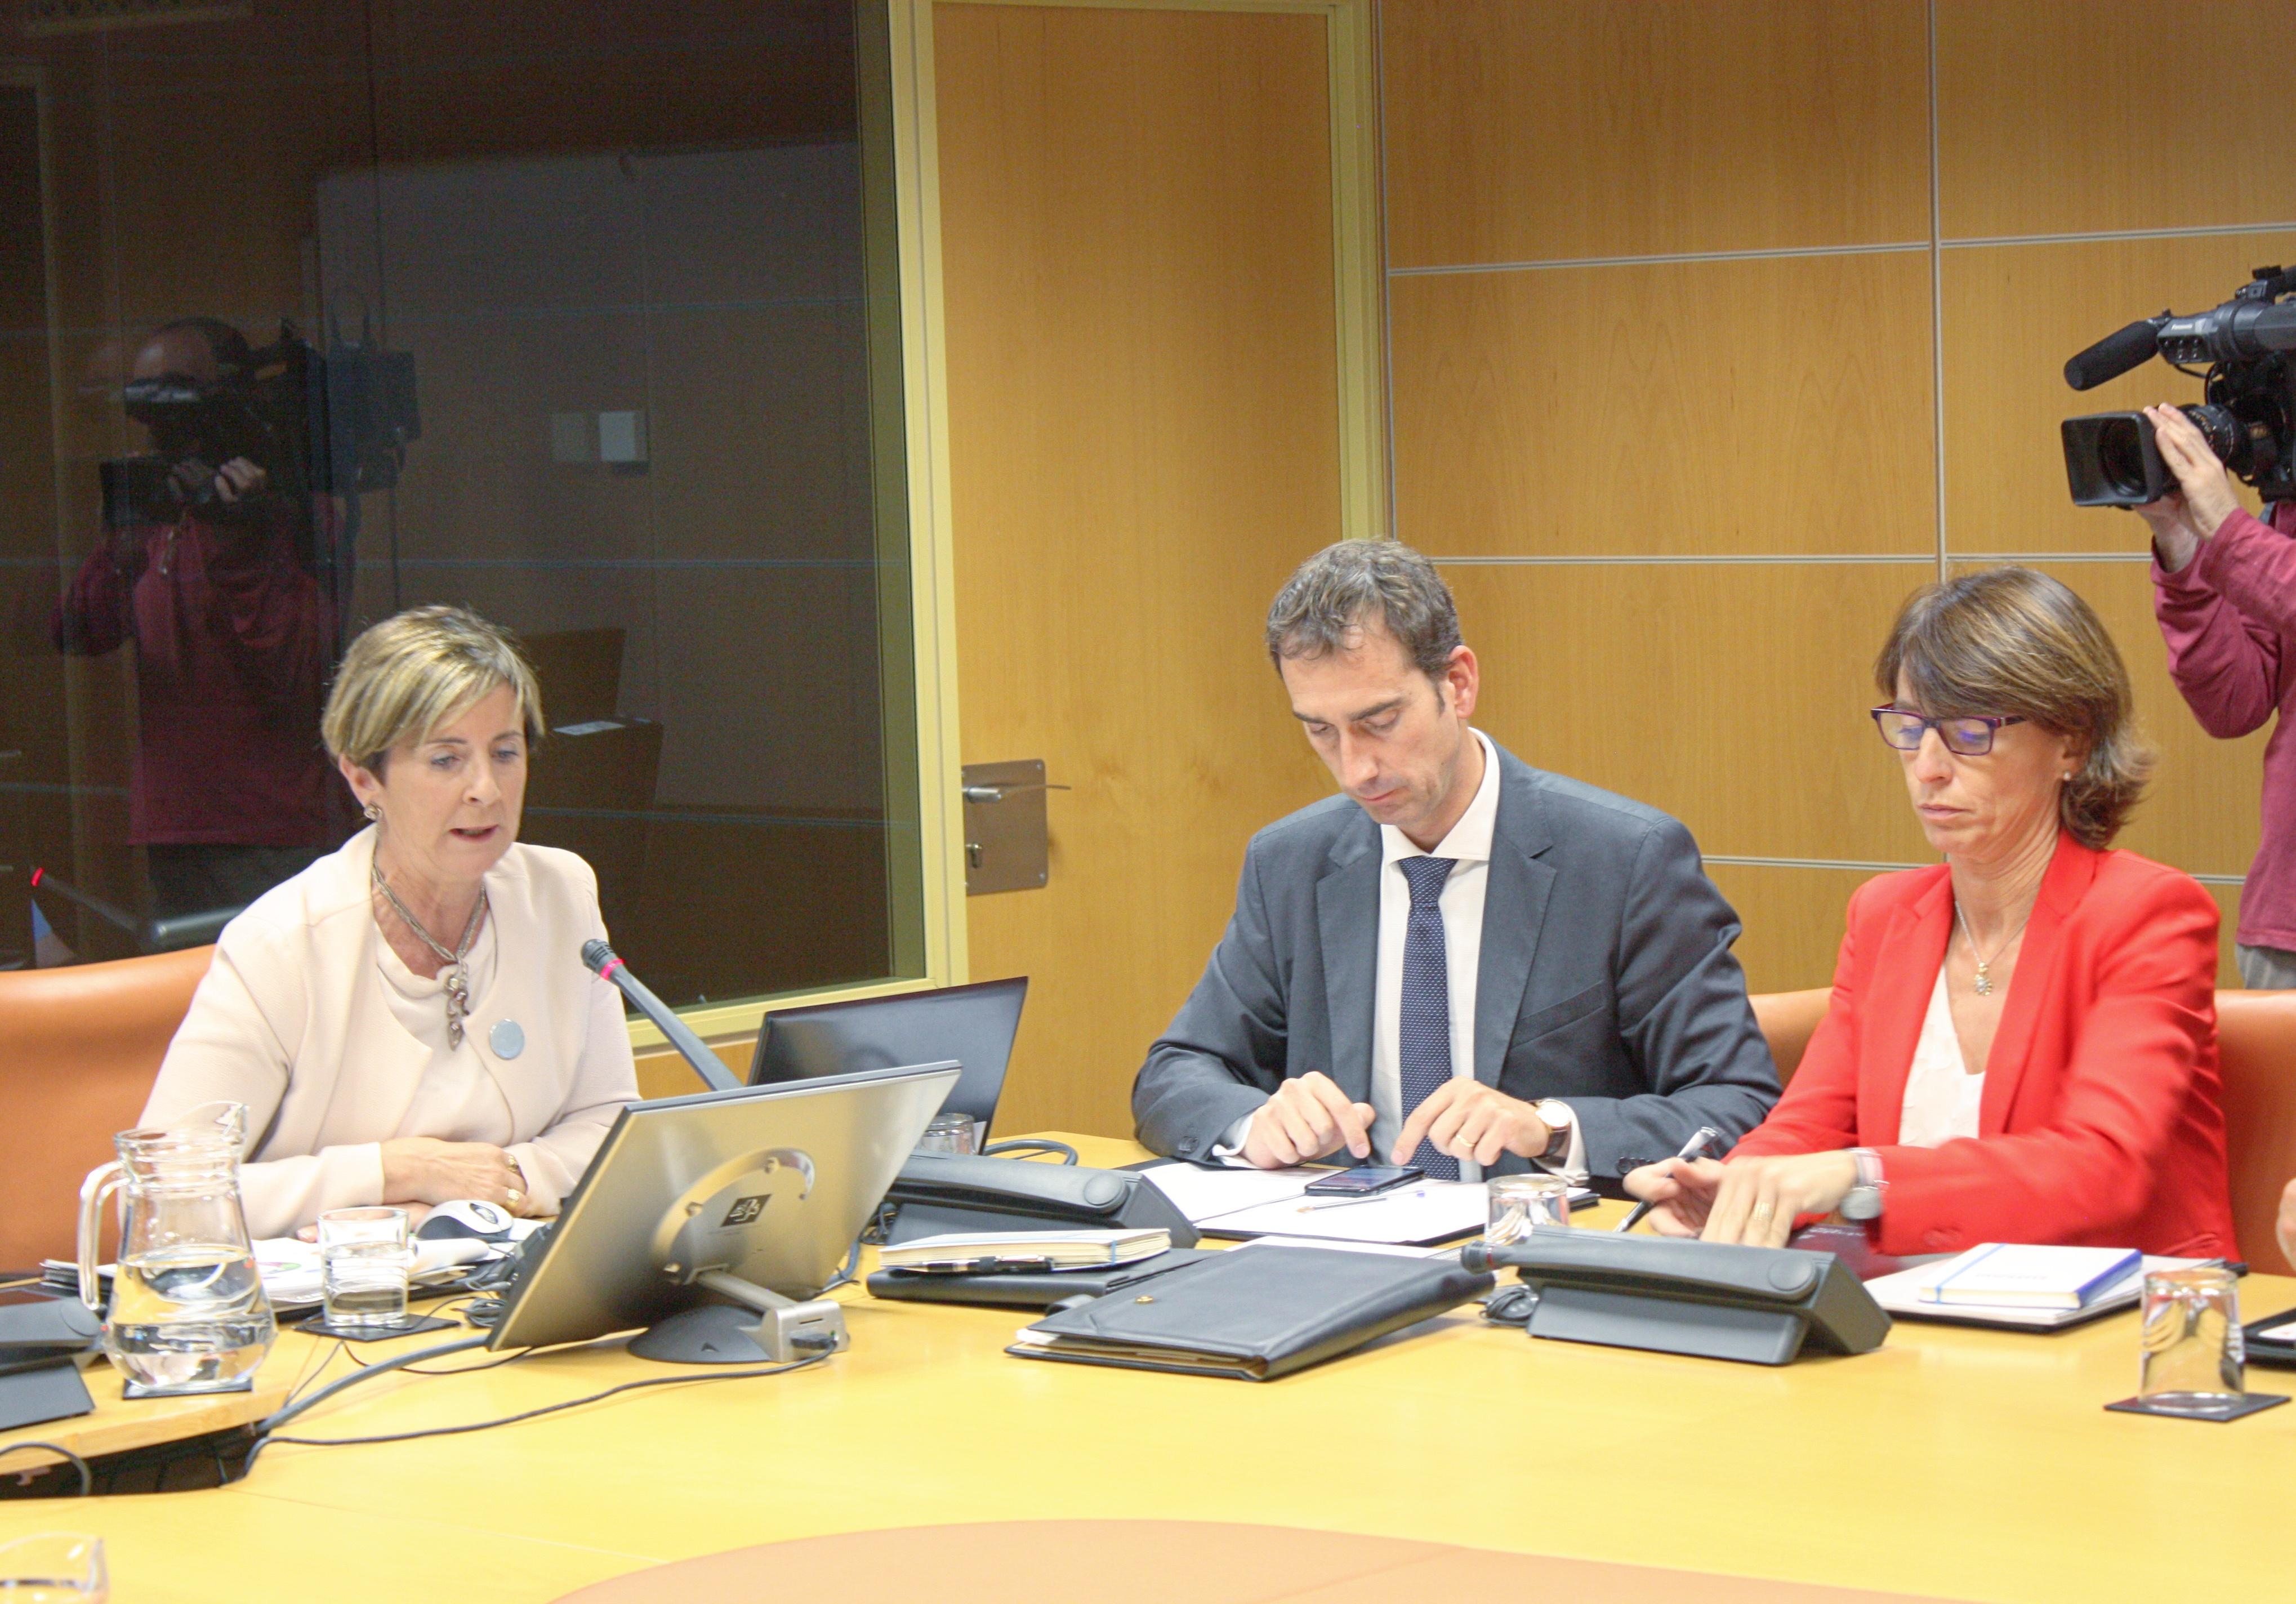 El Gobierno Vasco presenta un Plan de Industria 2017-2020 que atiende el nuevo paradigma de la industria 4.0 y responde a las necesidades presentes de las pymes